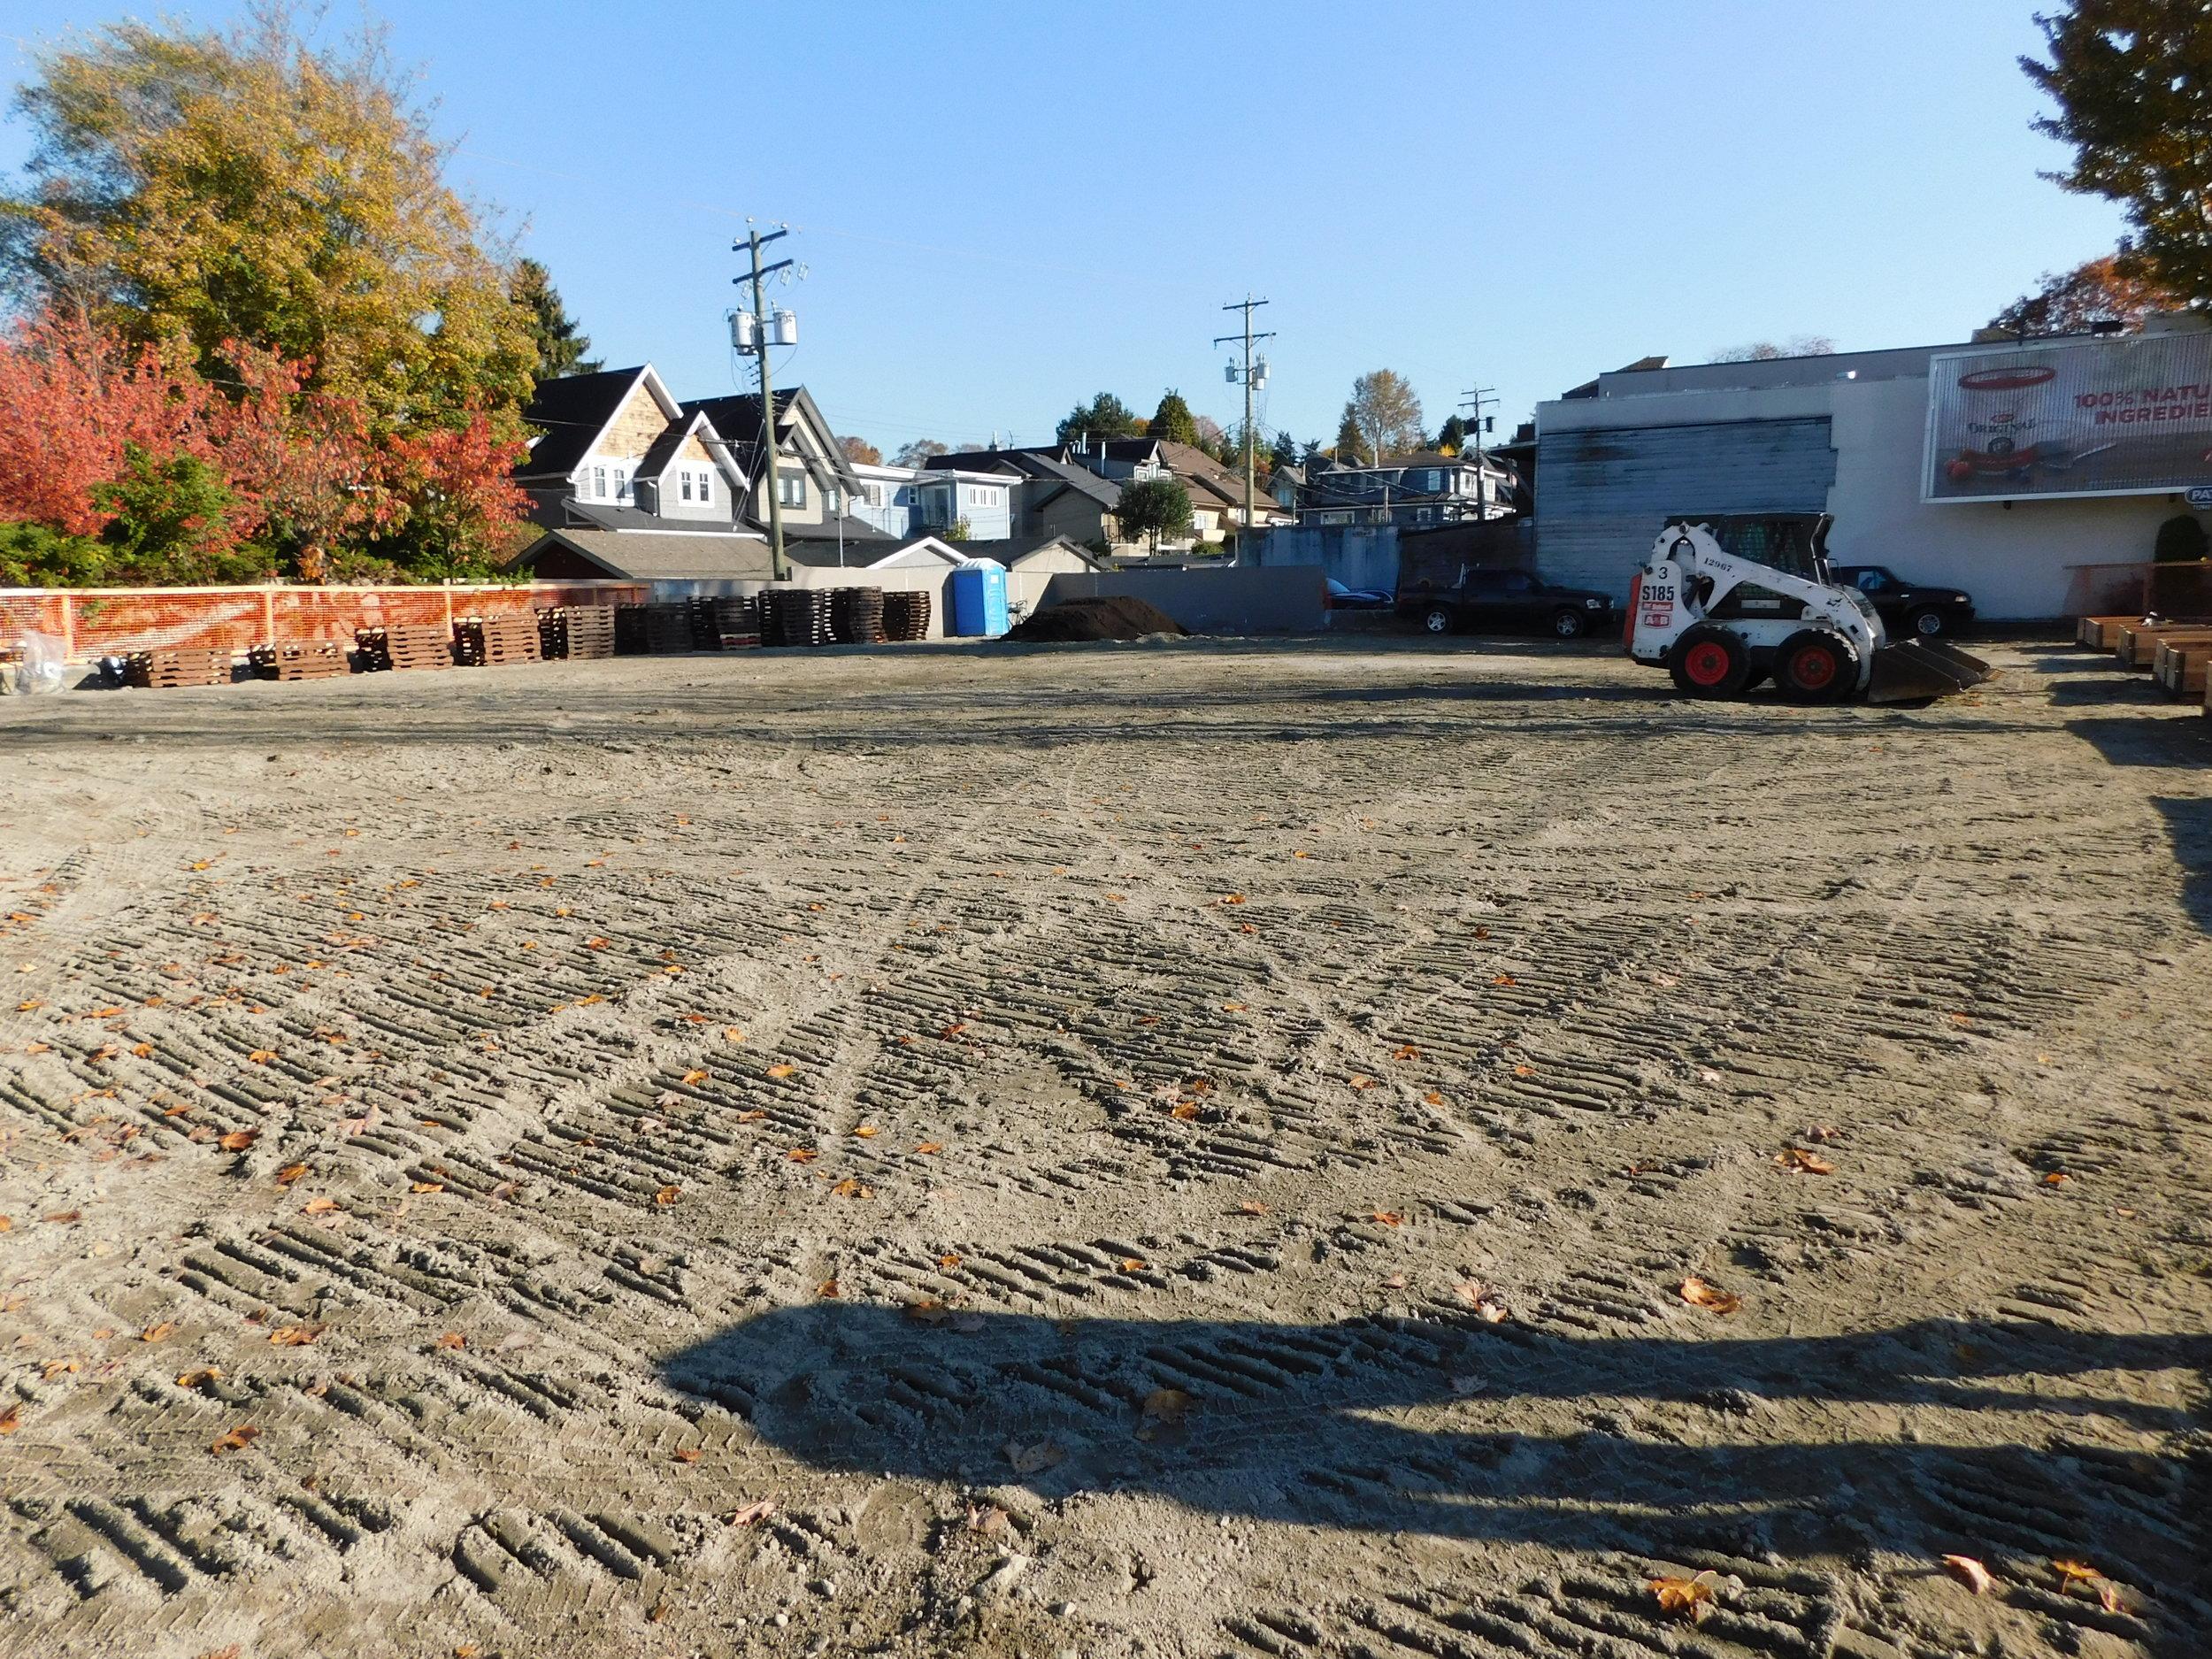 4th_Macdonald_Vancouver_Community_Garden_Builders-0004.JPG